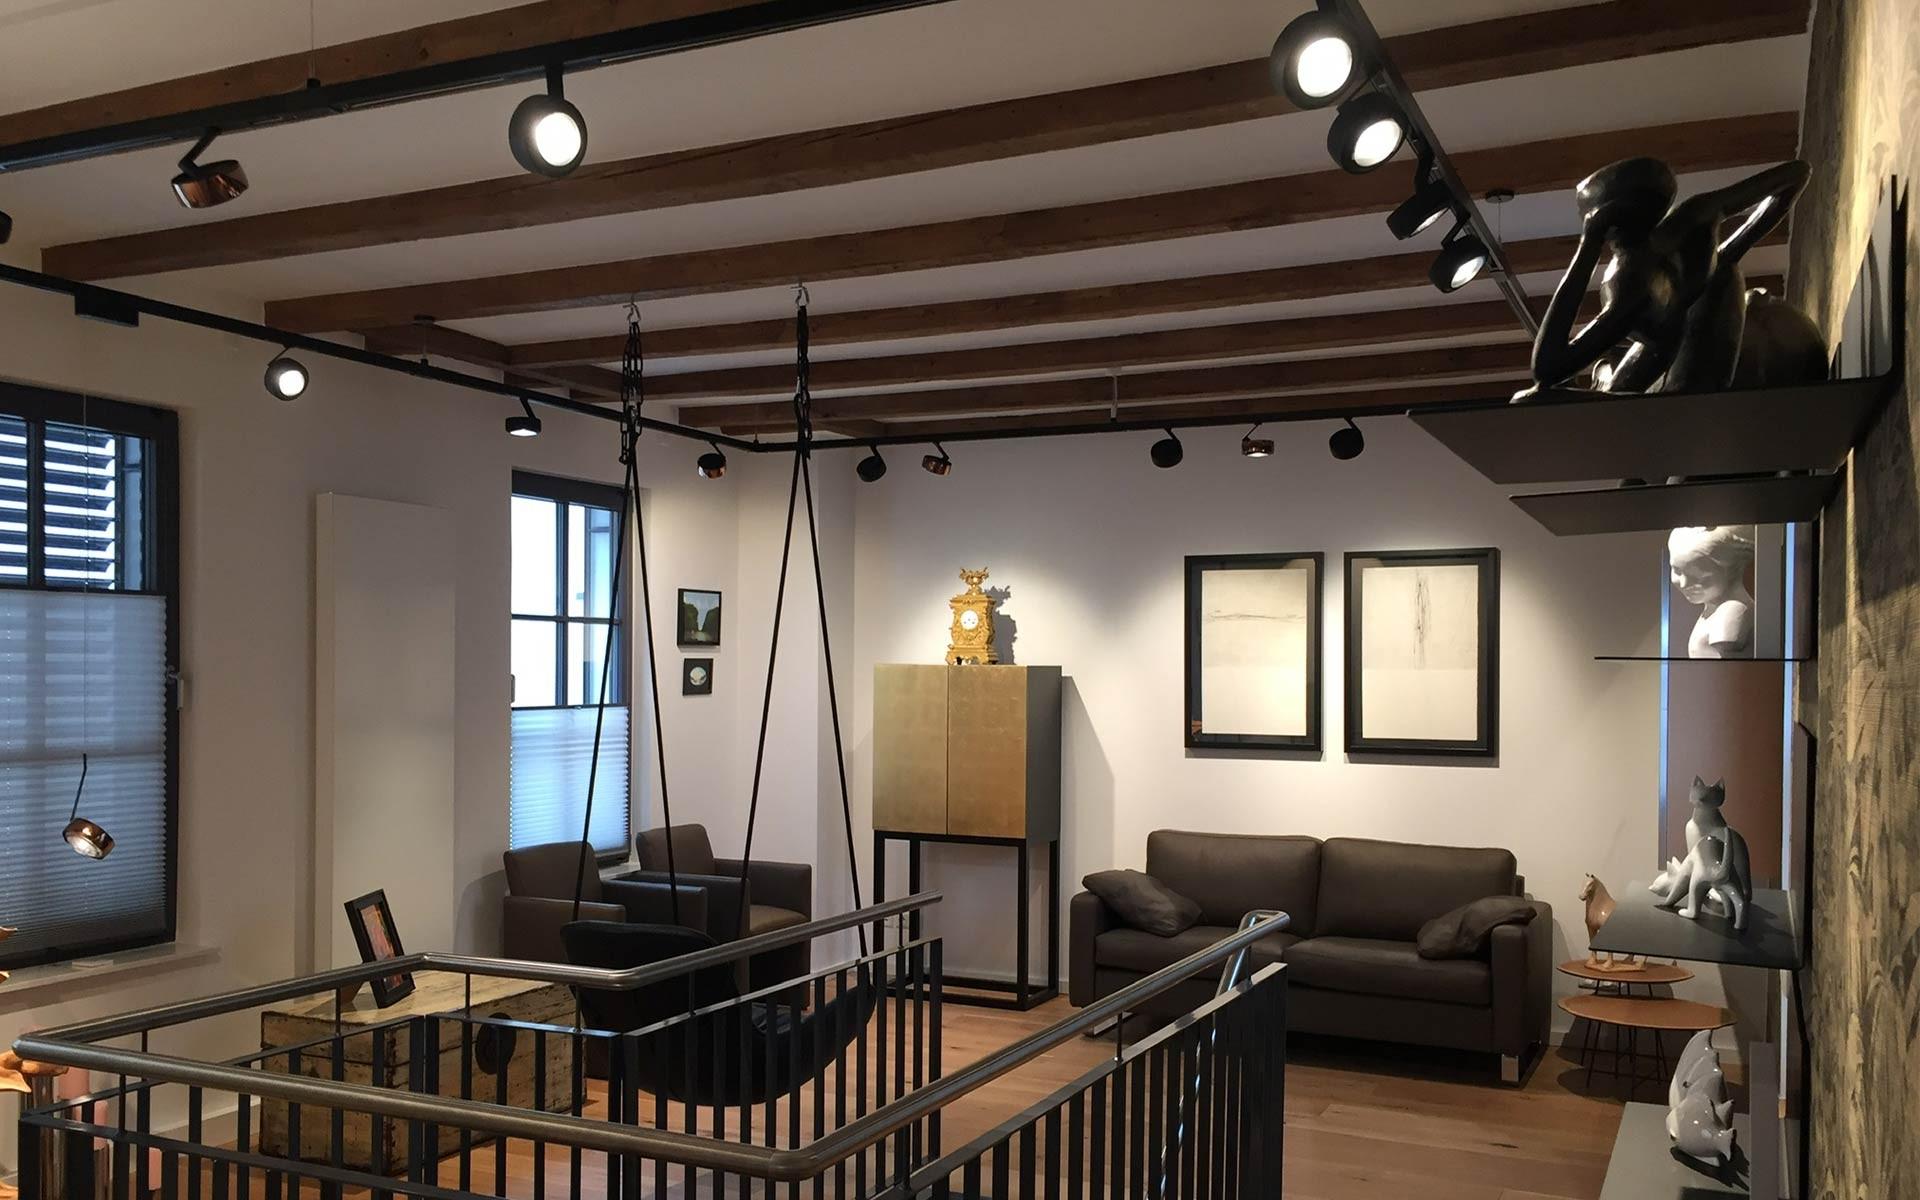 InteriorDesign - steidten+ einrichten mit architekturintelligenz